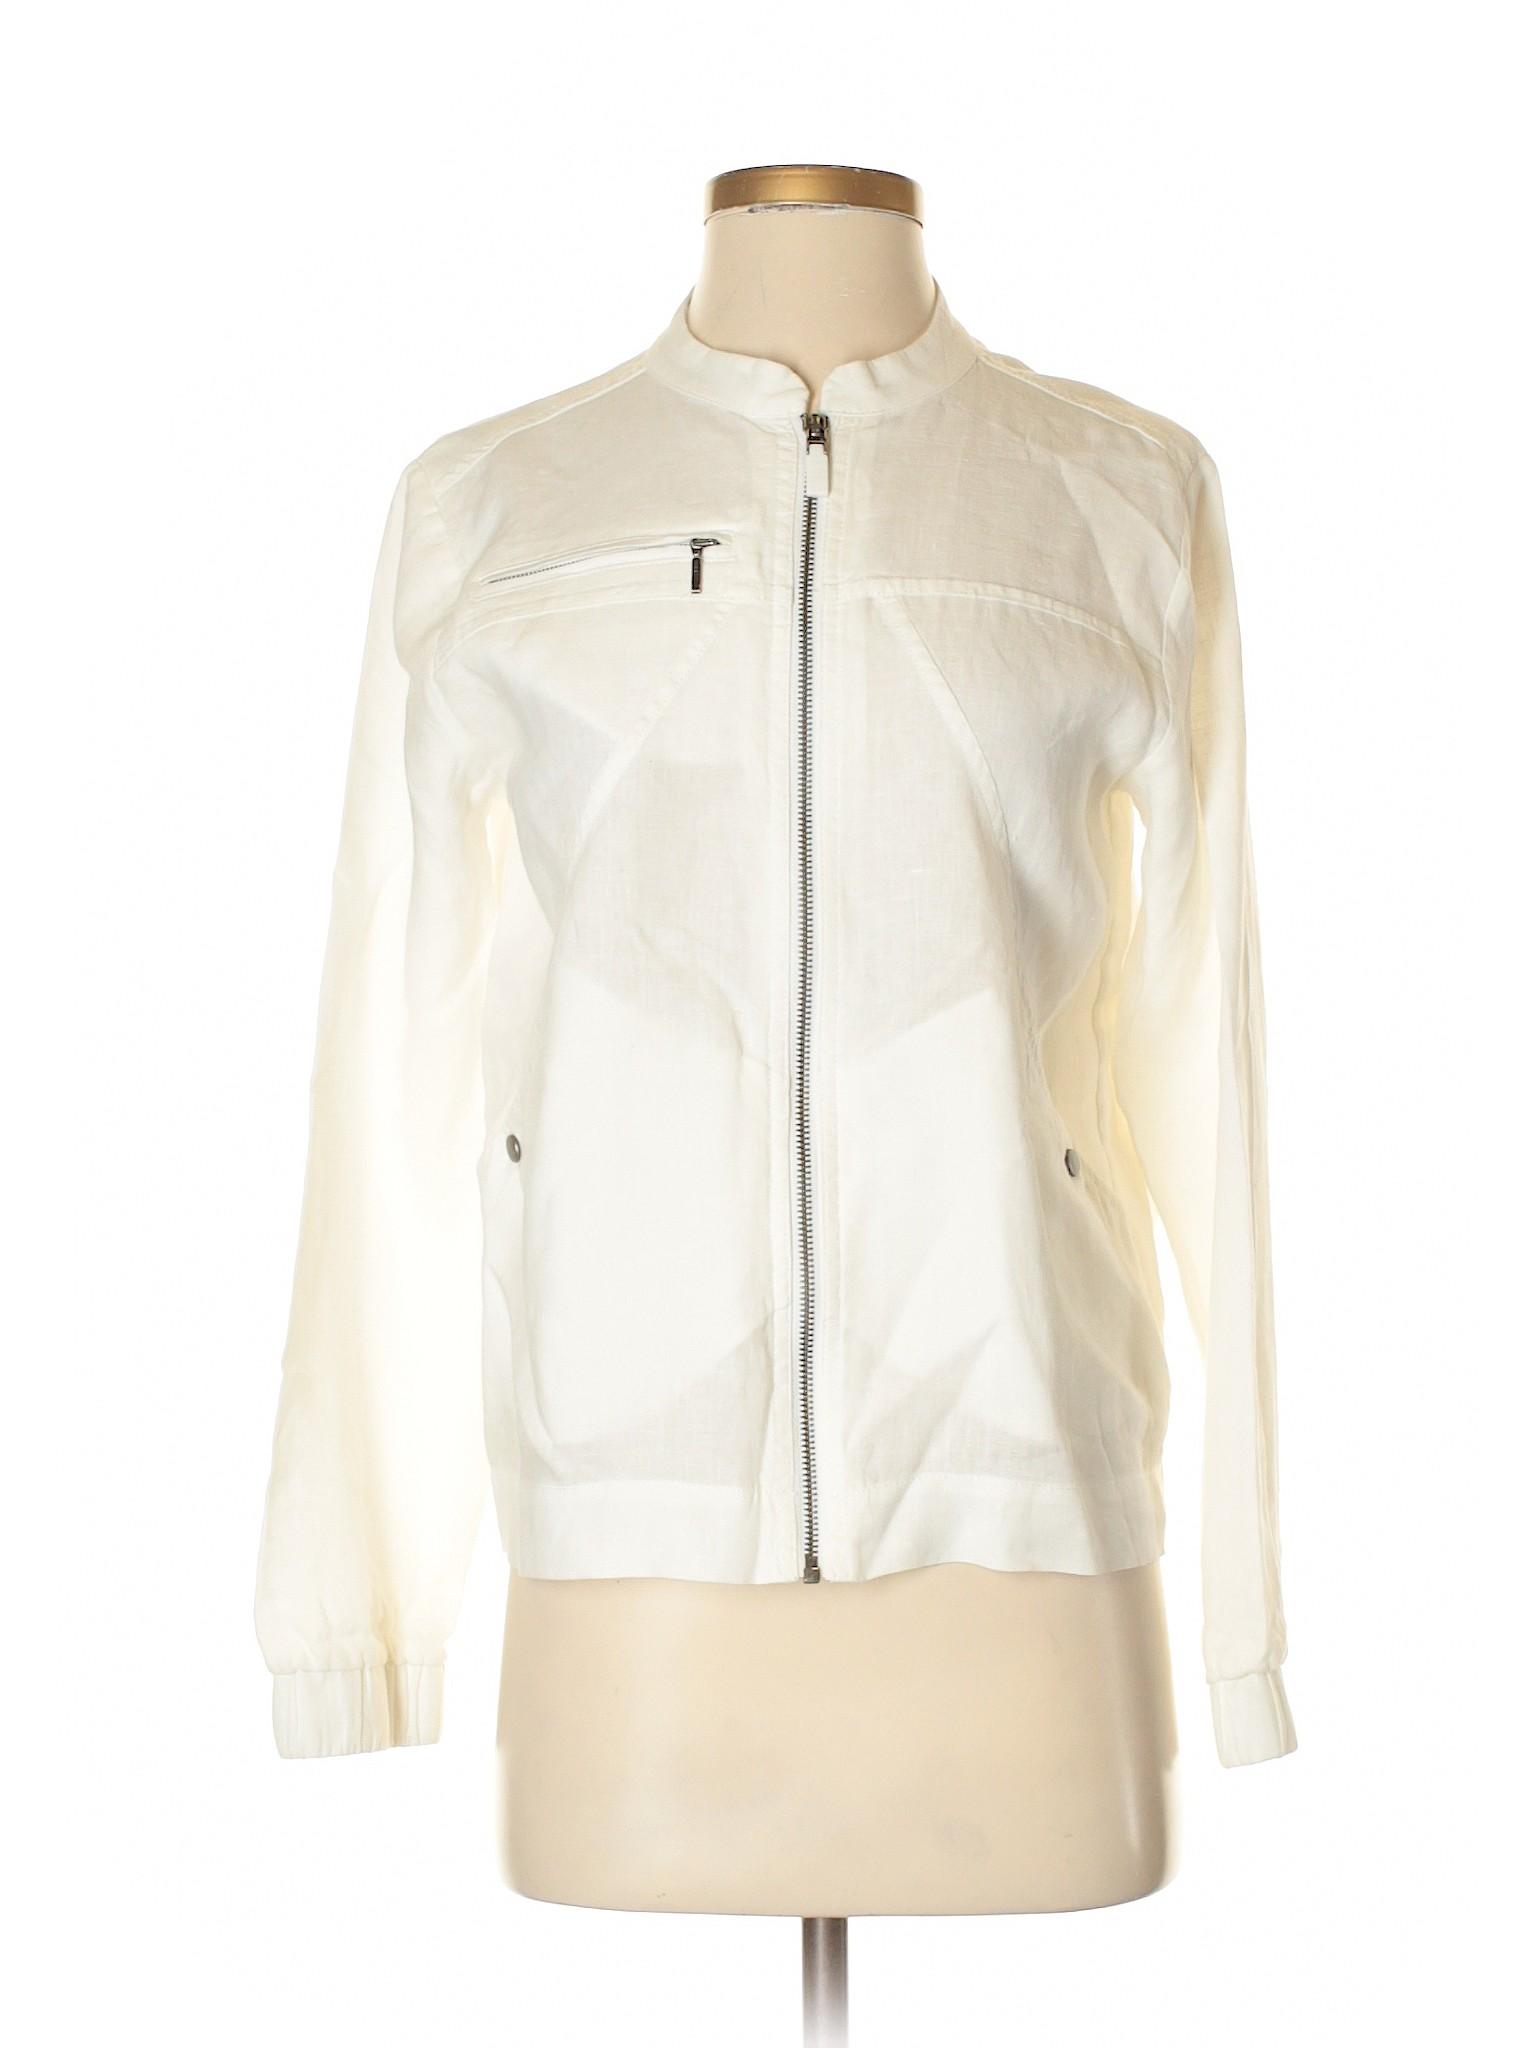 Jacket Boutique Boutique Tommy Bahama leisure leisure qOXwRAY